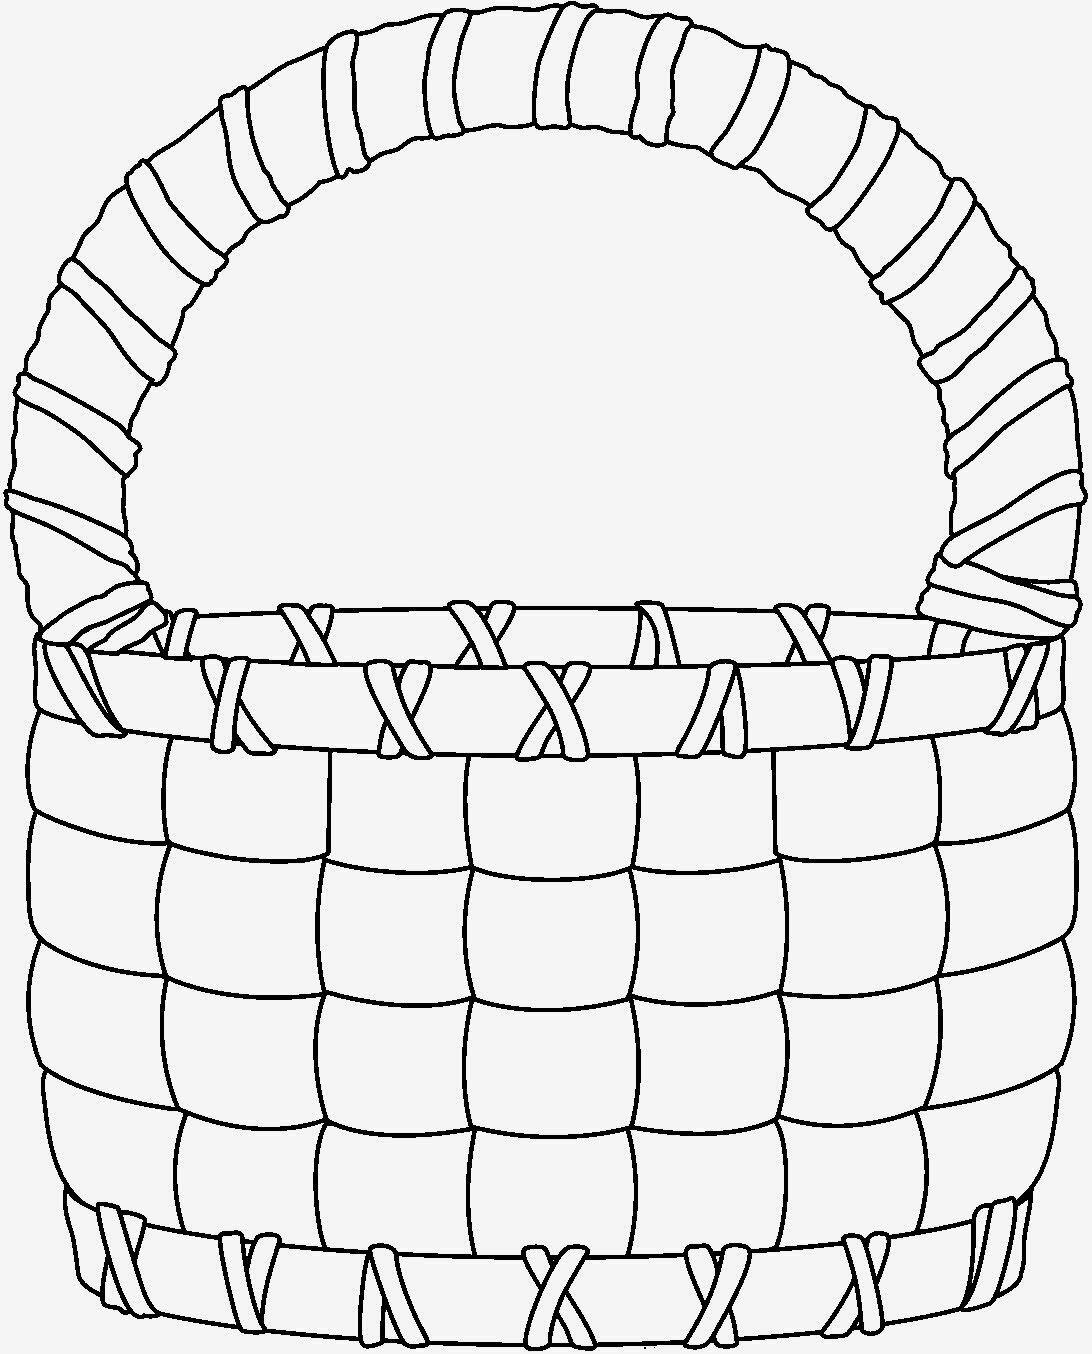 Картинка корзинки нарисованная